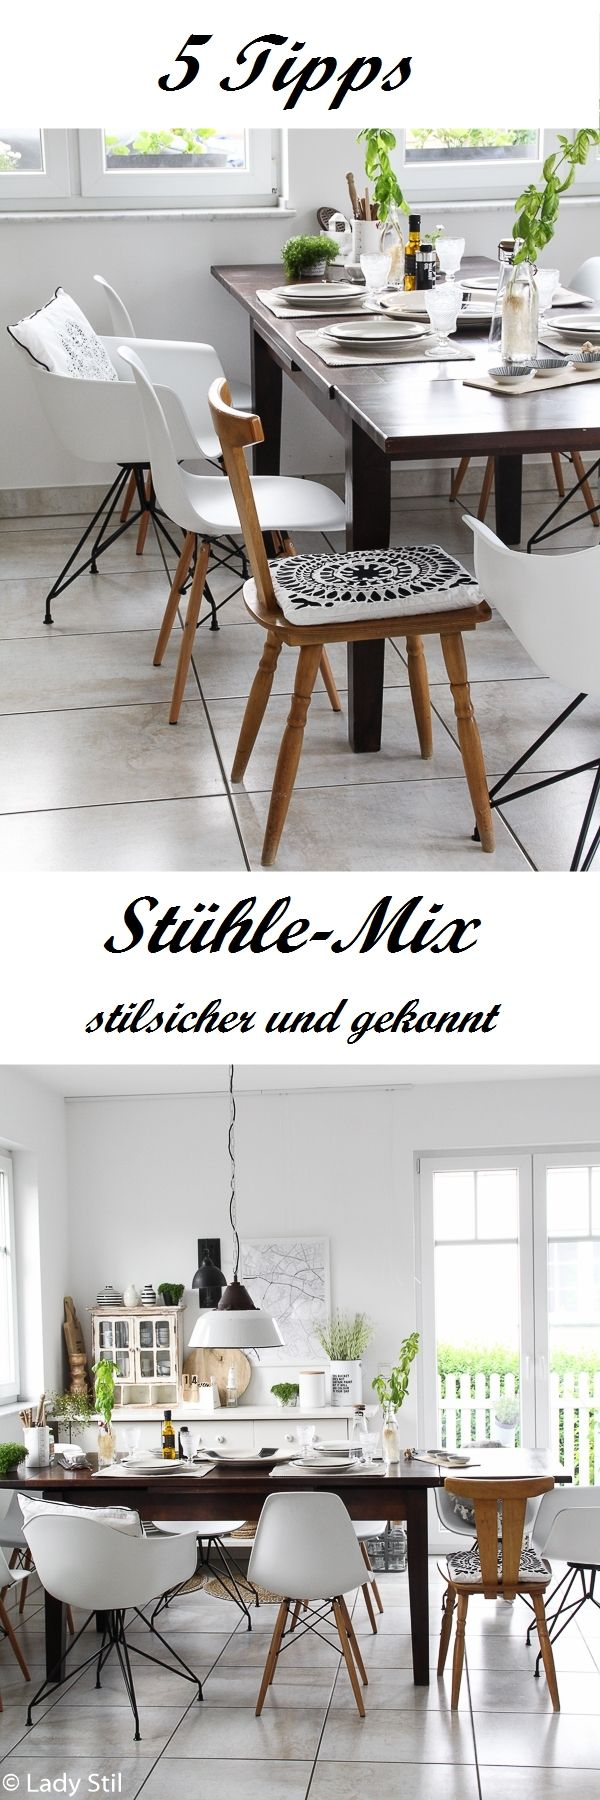 f nf tipps f r den st hle mix lady stil blog pinterest. Black Bedroom Furniture Sets. Home Design Ideas